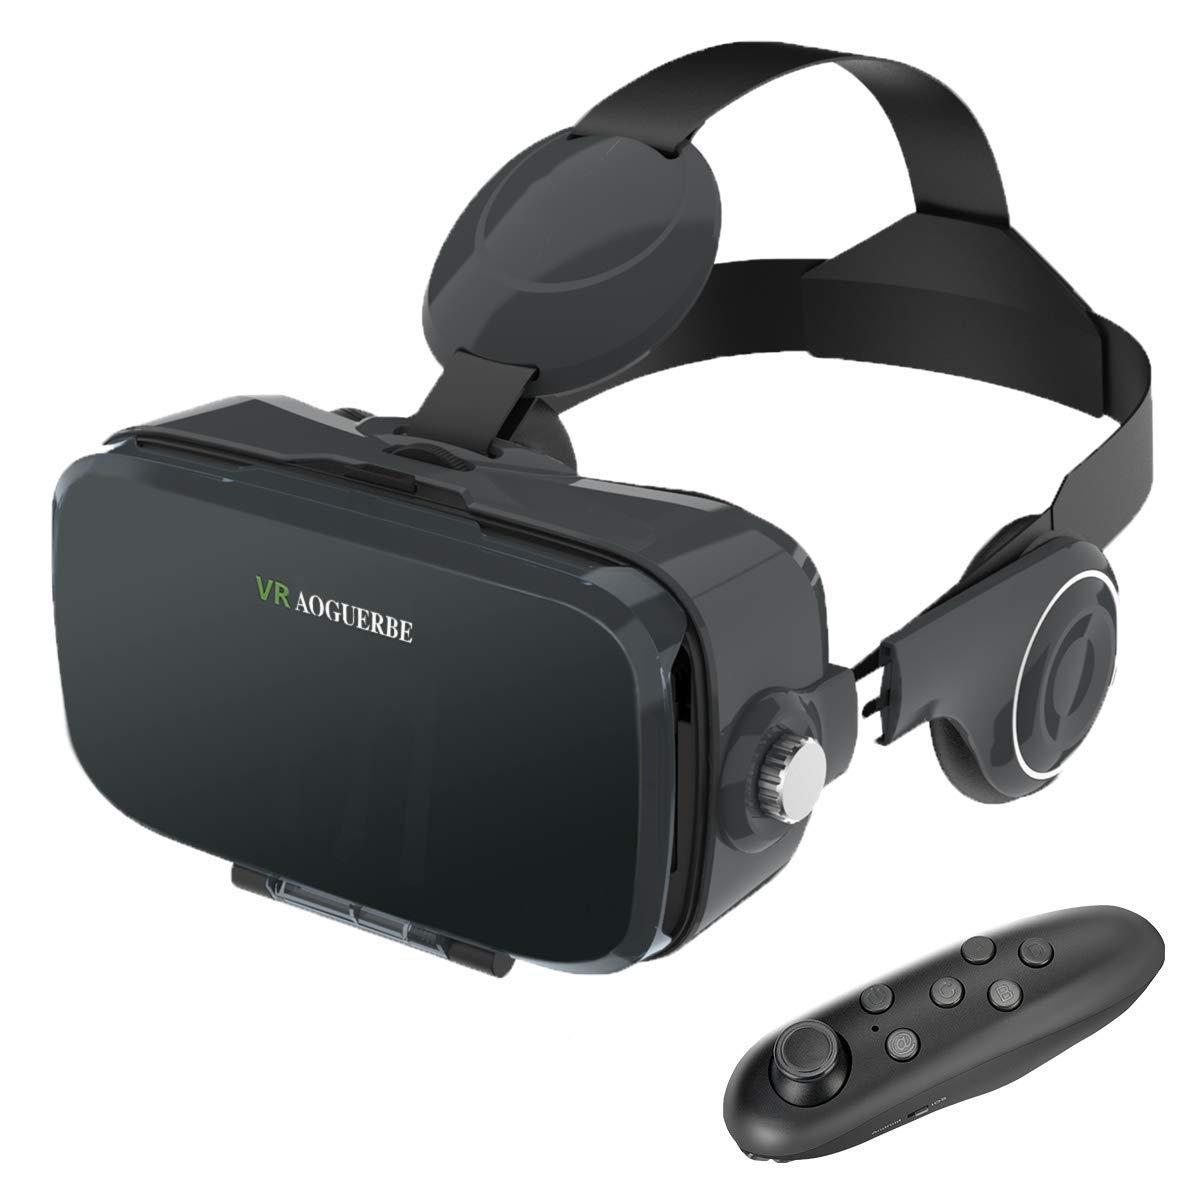 AOGUERBE Lunettes 3D VR Casques de Réalité Virtuelle avec Bluetooth Télécommande